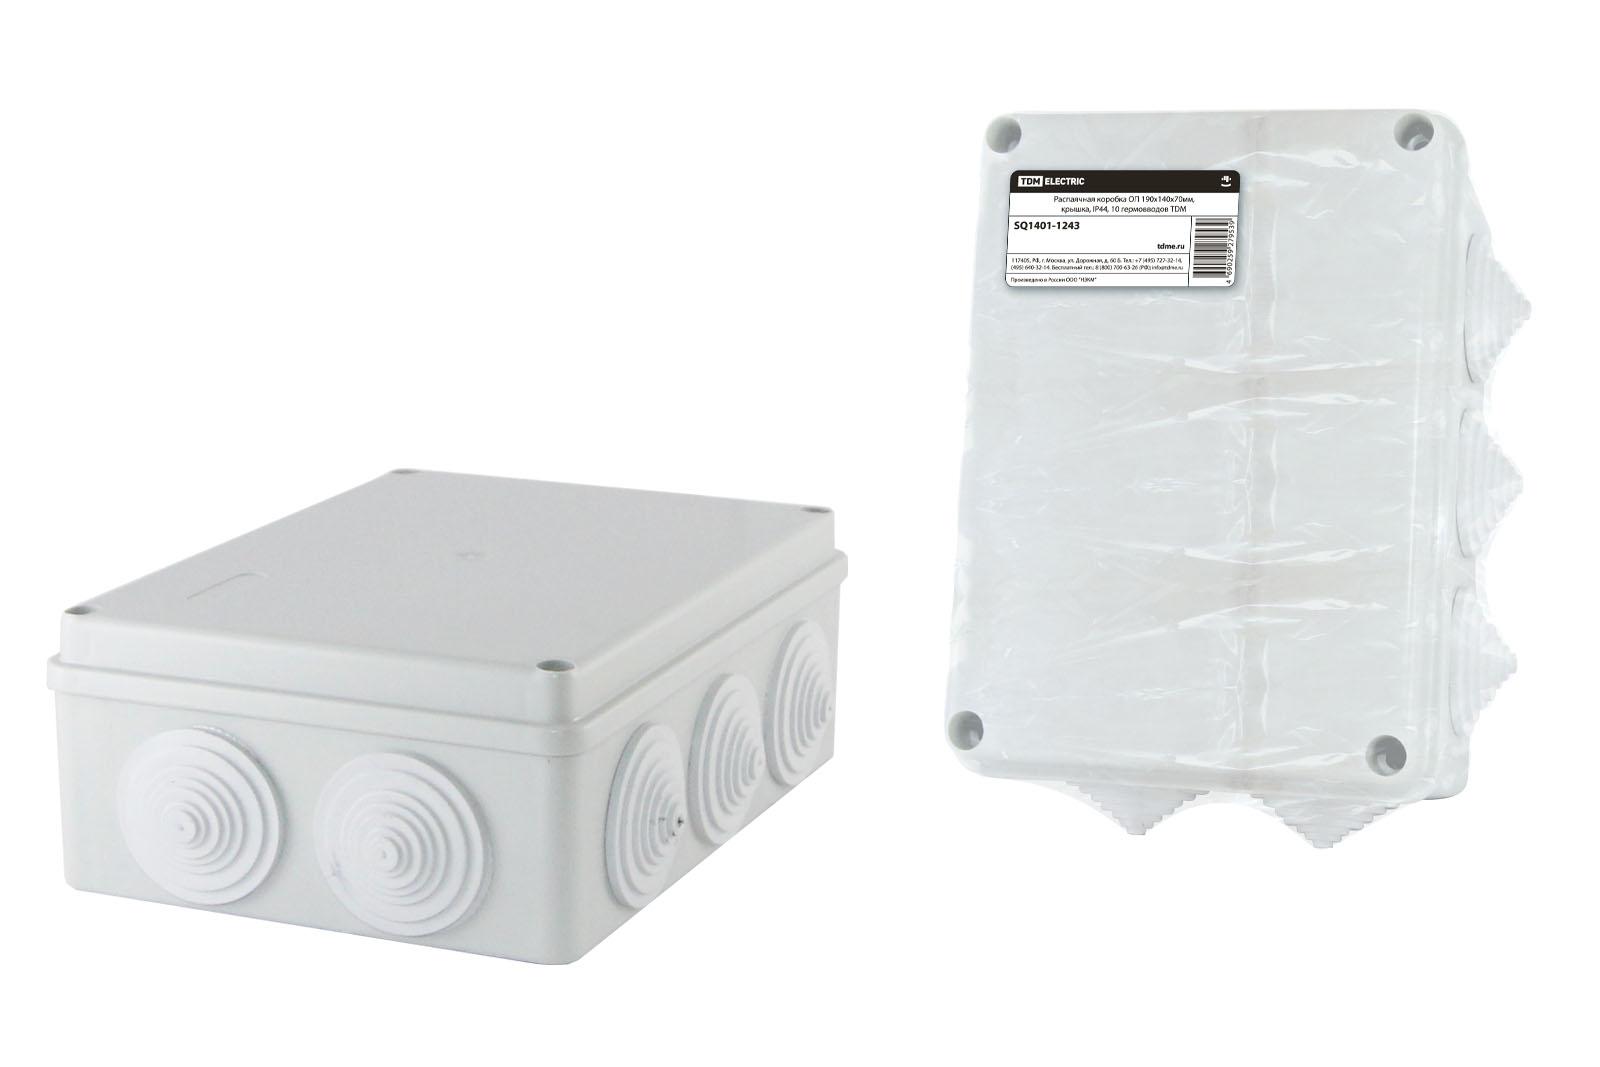 Коробка распаячная Tdm Sq1401-1243 распаячная коробка с крышкой оп 190х140х70мм ip44 10 гермовводов tdm sq1401 1243